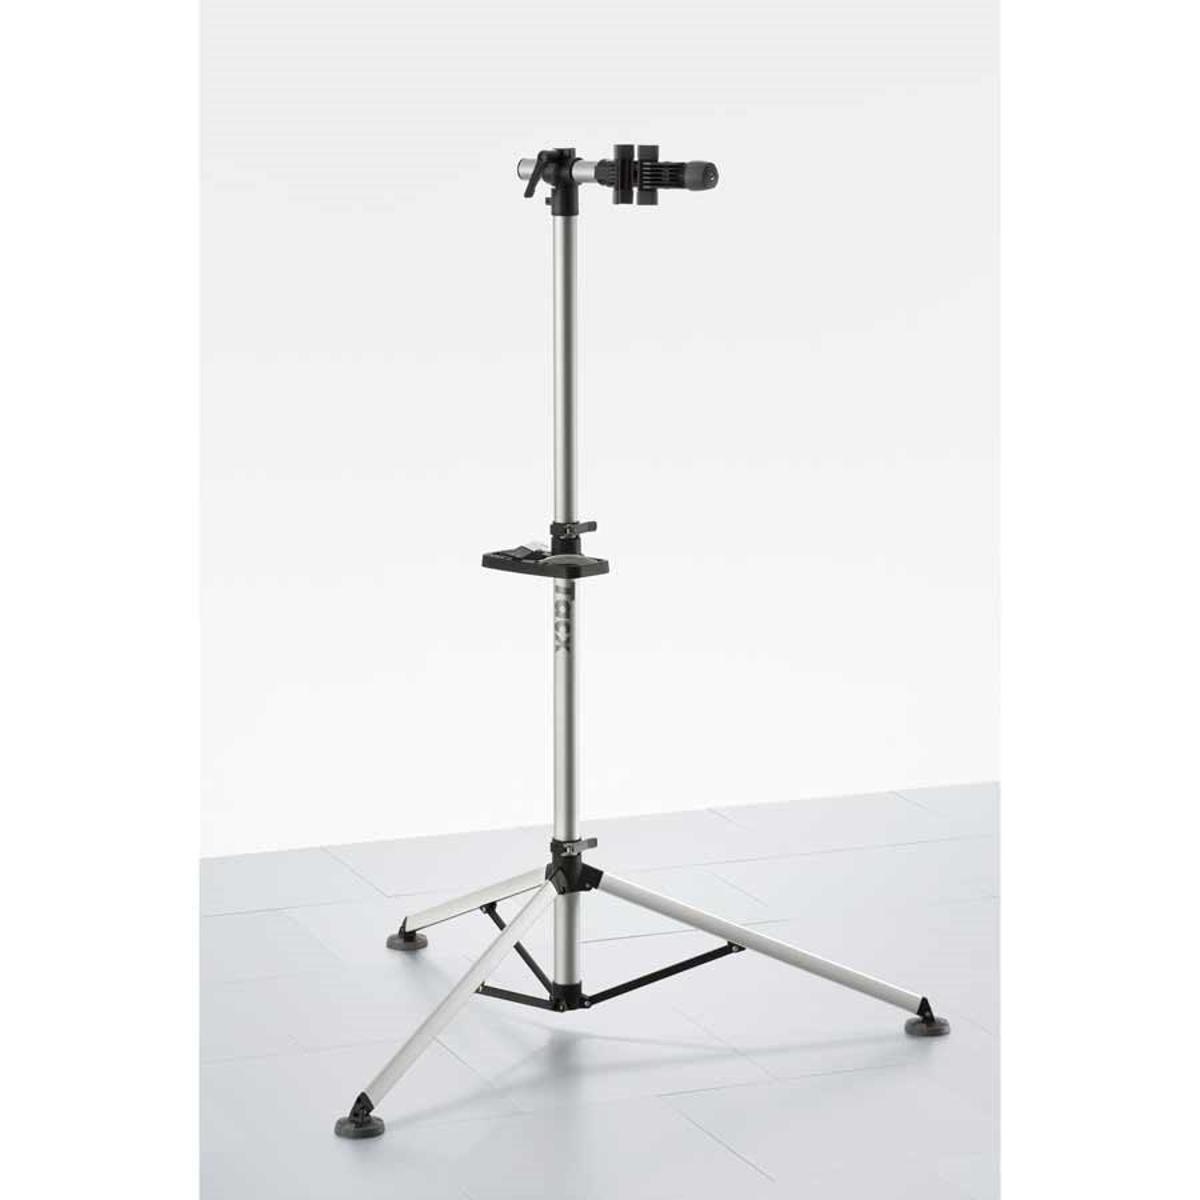 Tacx Montageständer Spider Prof, anthrazit, T3025